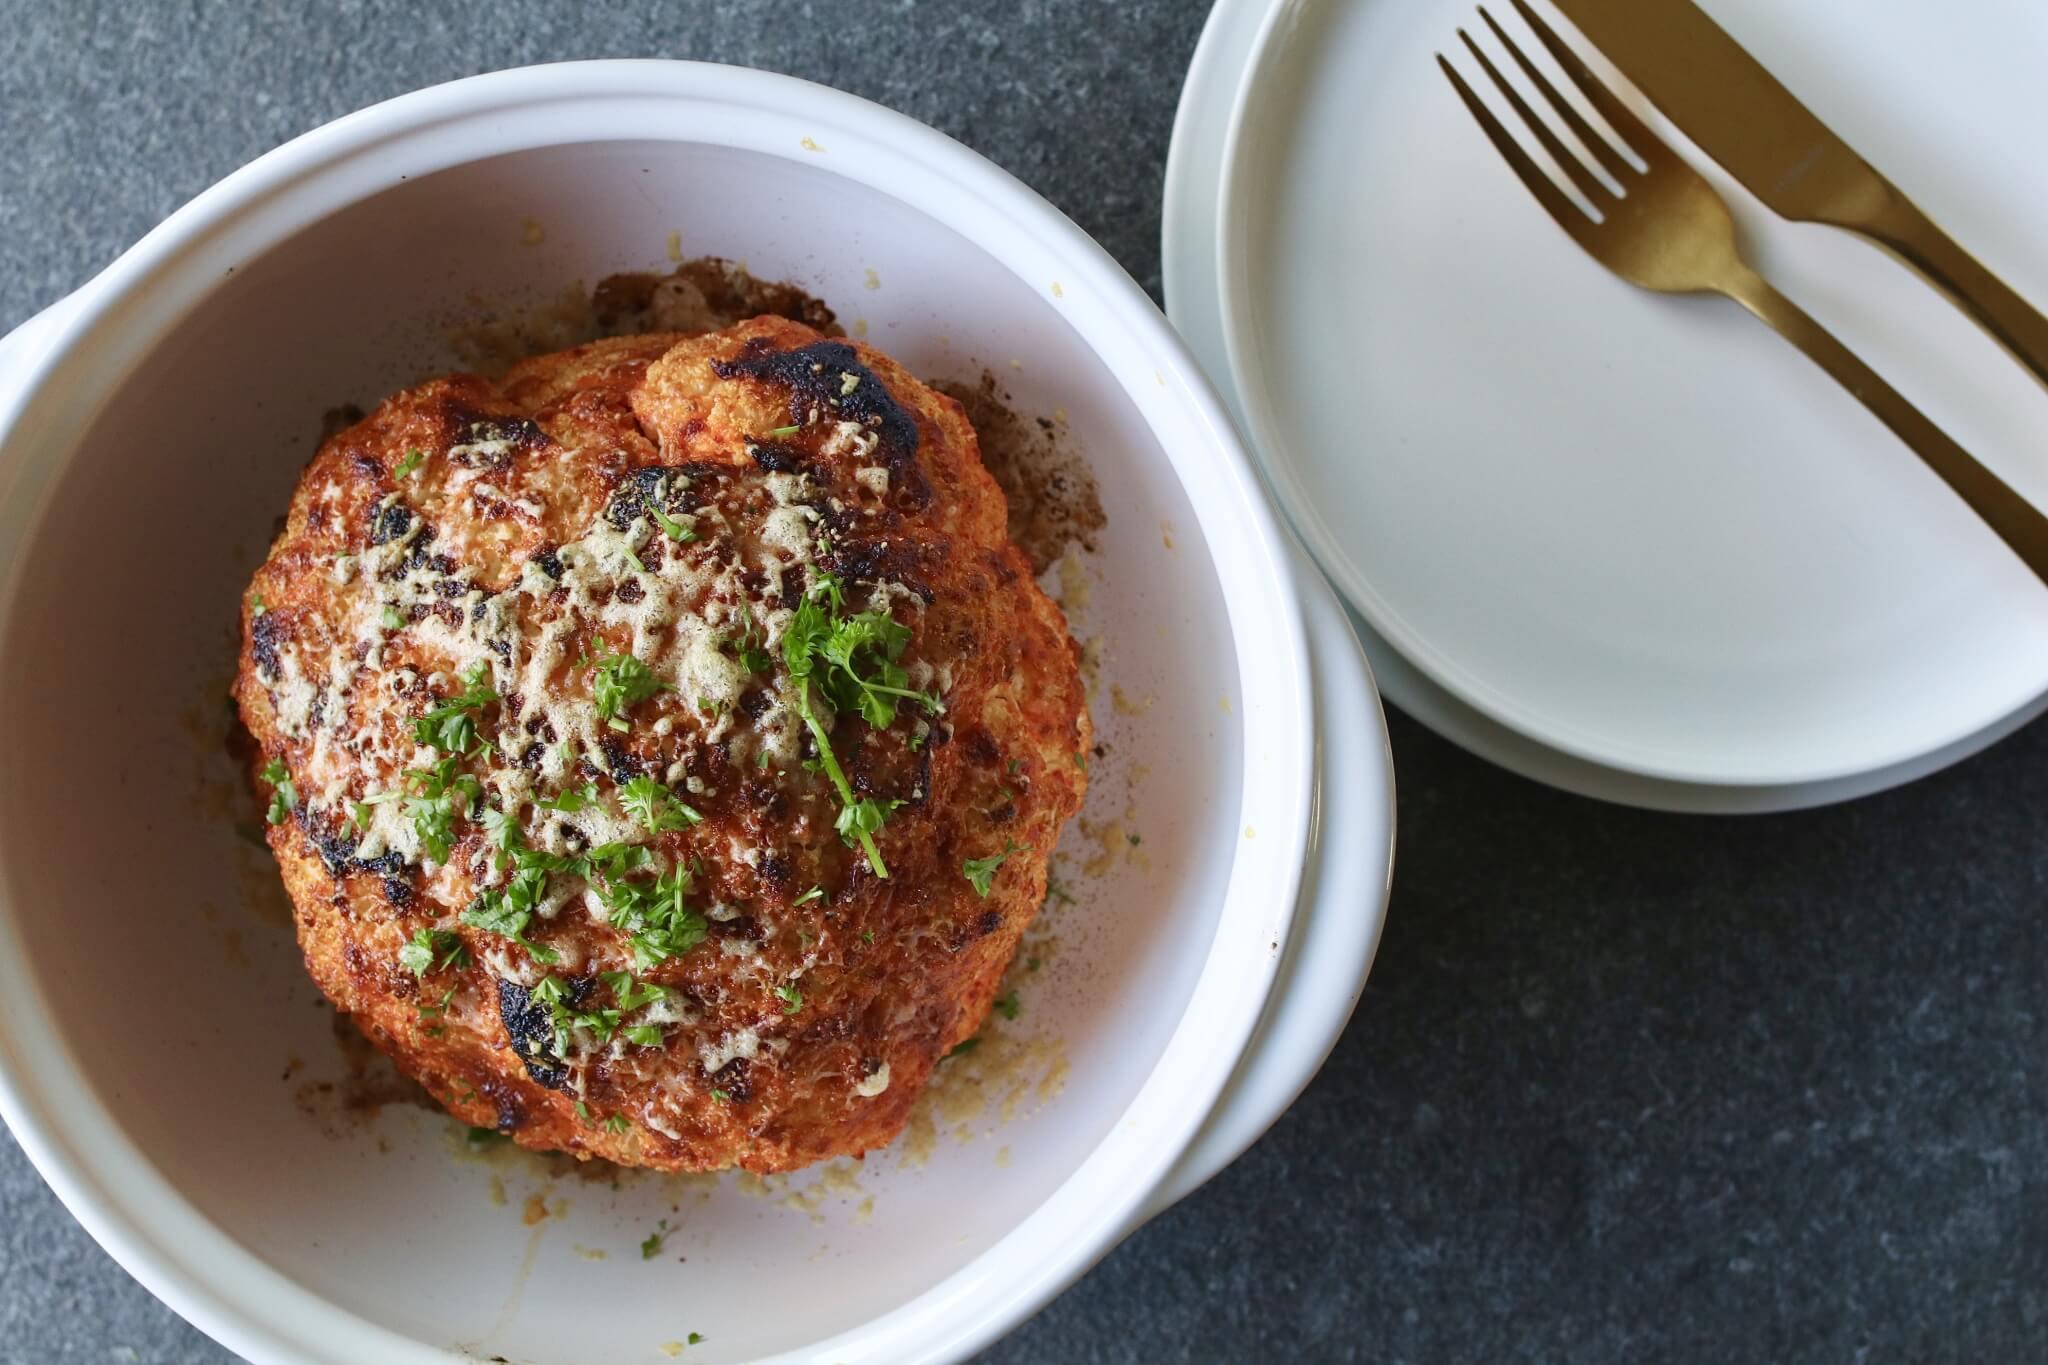 Kruidige hele bloemkool uit de oven, Vegetarisch avondeten, Glutenvrije foodblogs, Beaufood recepten, Bloemkool oven. Gezond avondeten, Gezond en makkelijk avondeten, Koolhydraatarme recepten avond, Bloemkool marinade recept